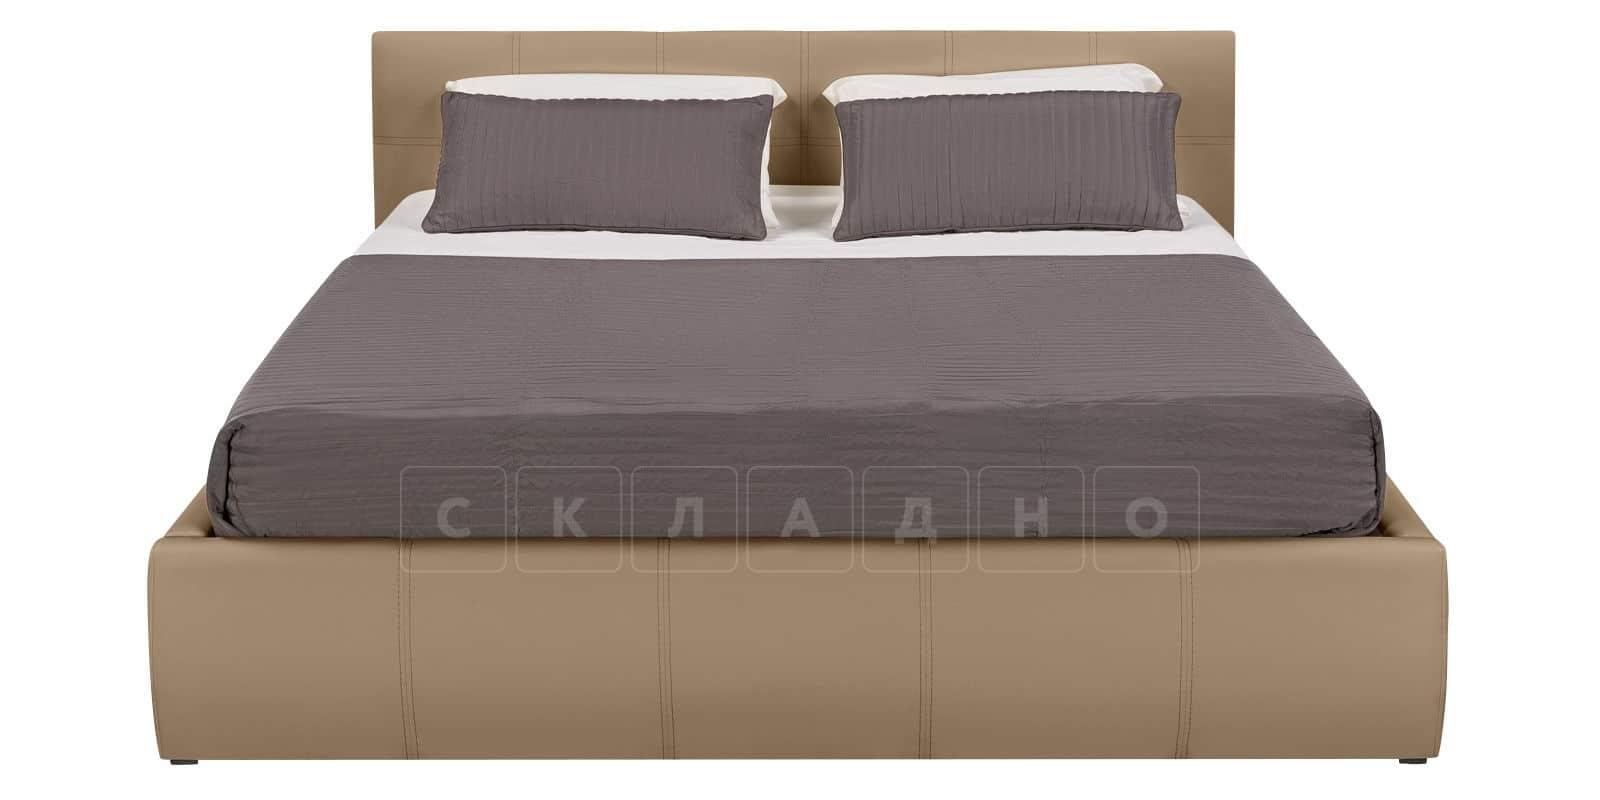 Мягкая кровать Афина 160см экокожа темно-бежевого цвета фото 3 | интернет-магазин Складно